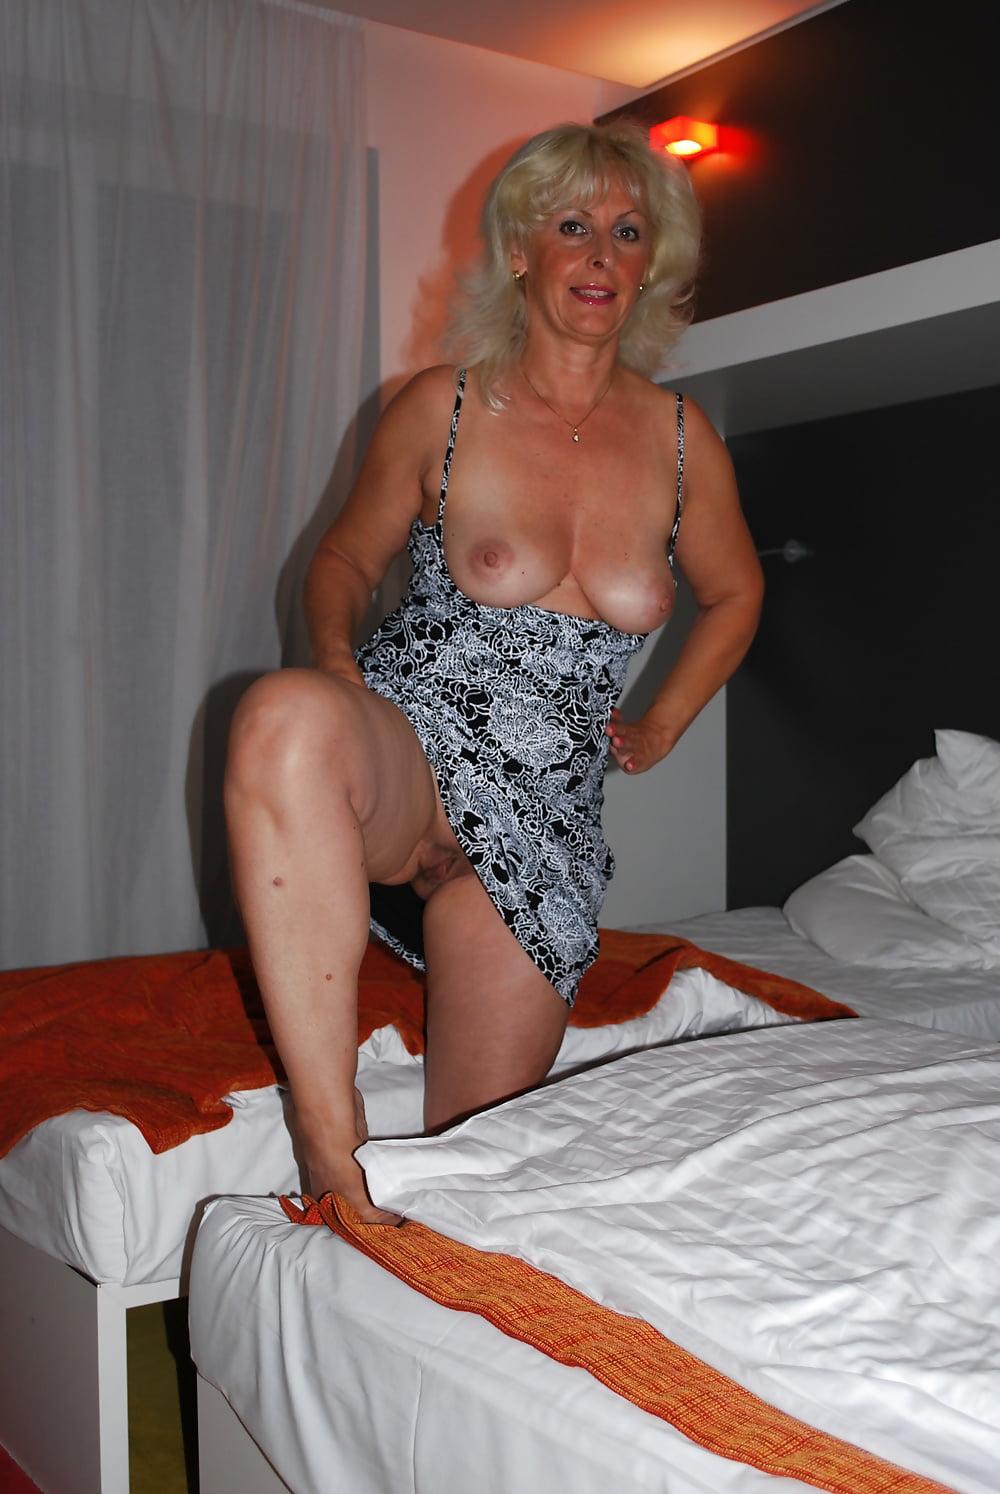 фото порно зрелые женщины немки официалам когда